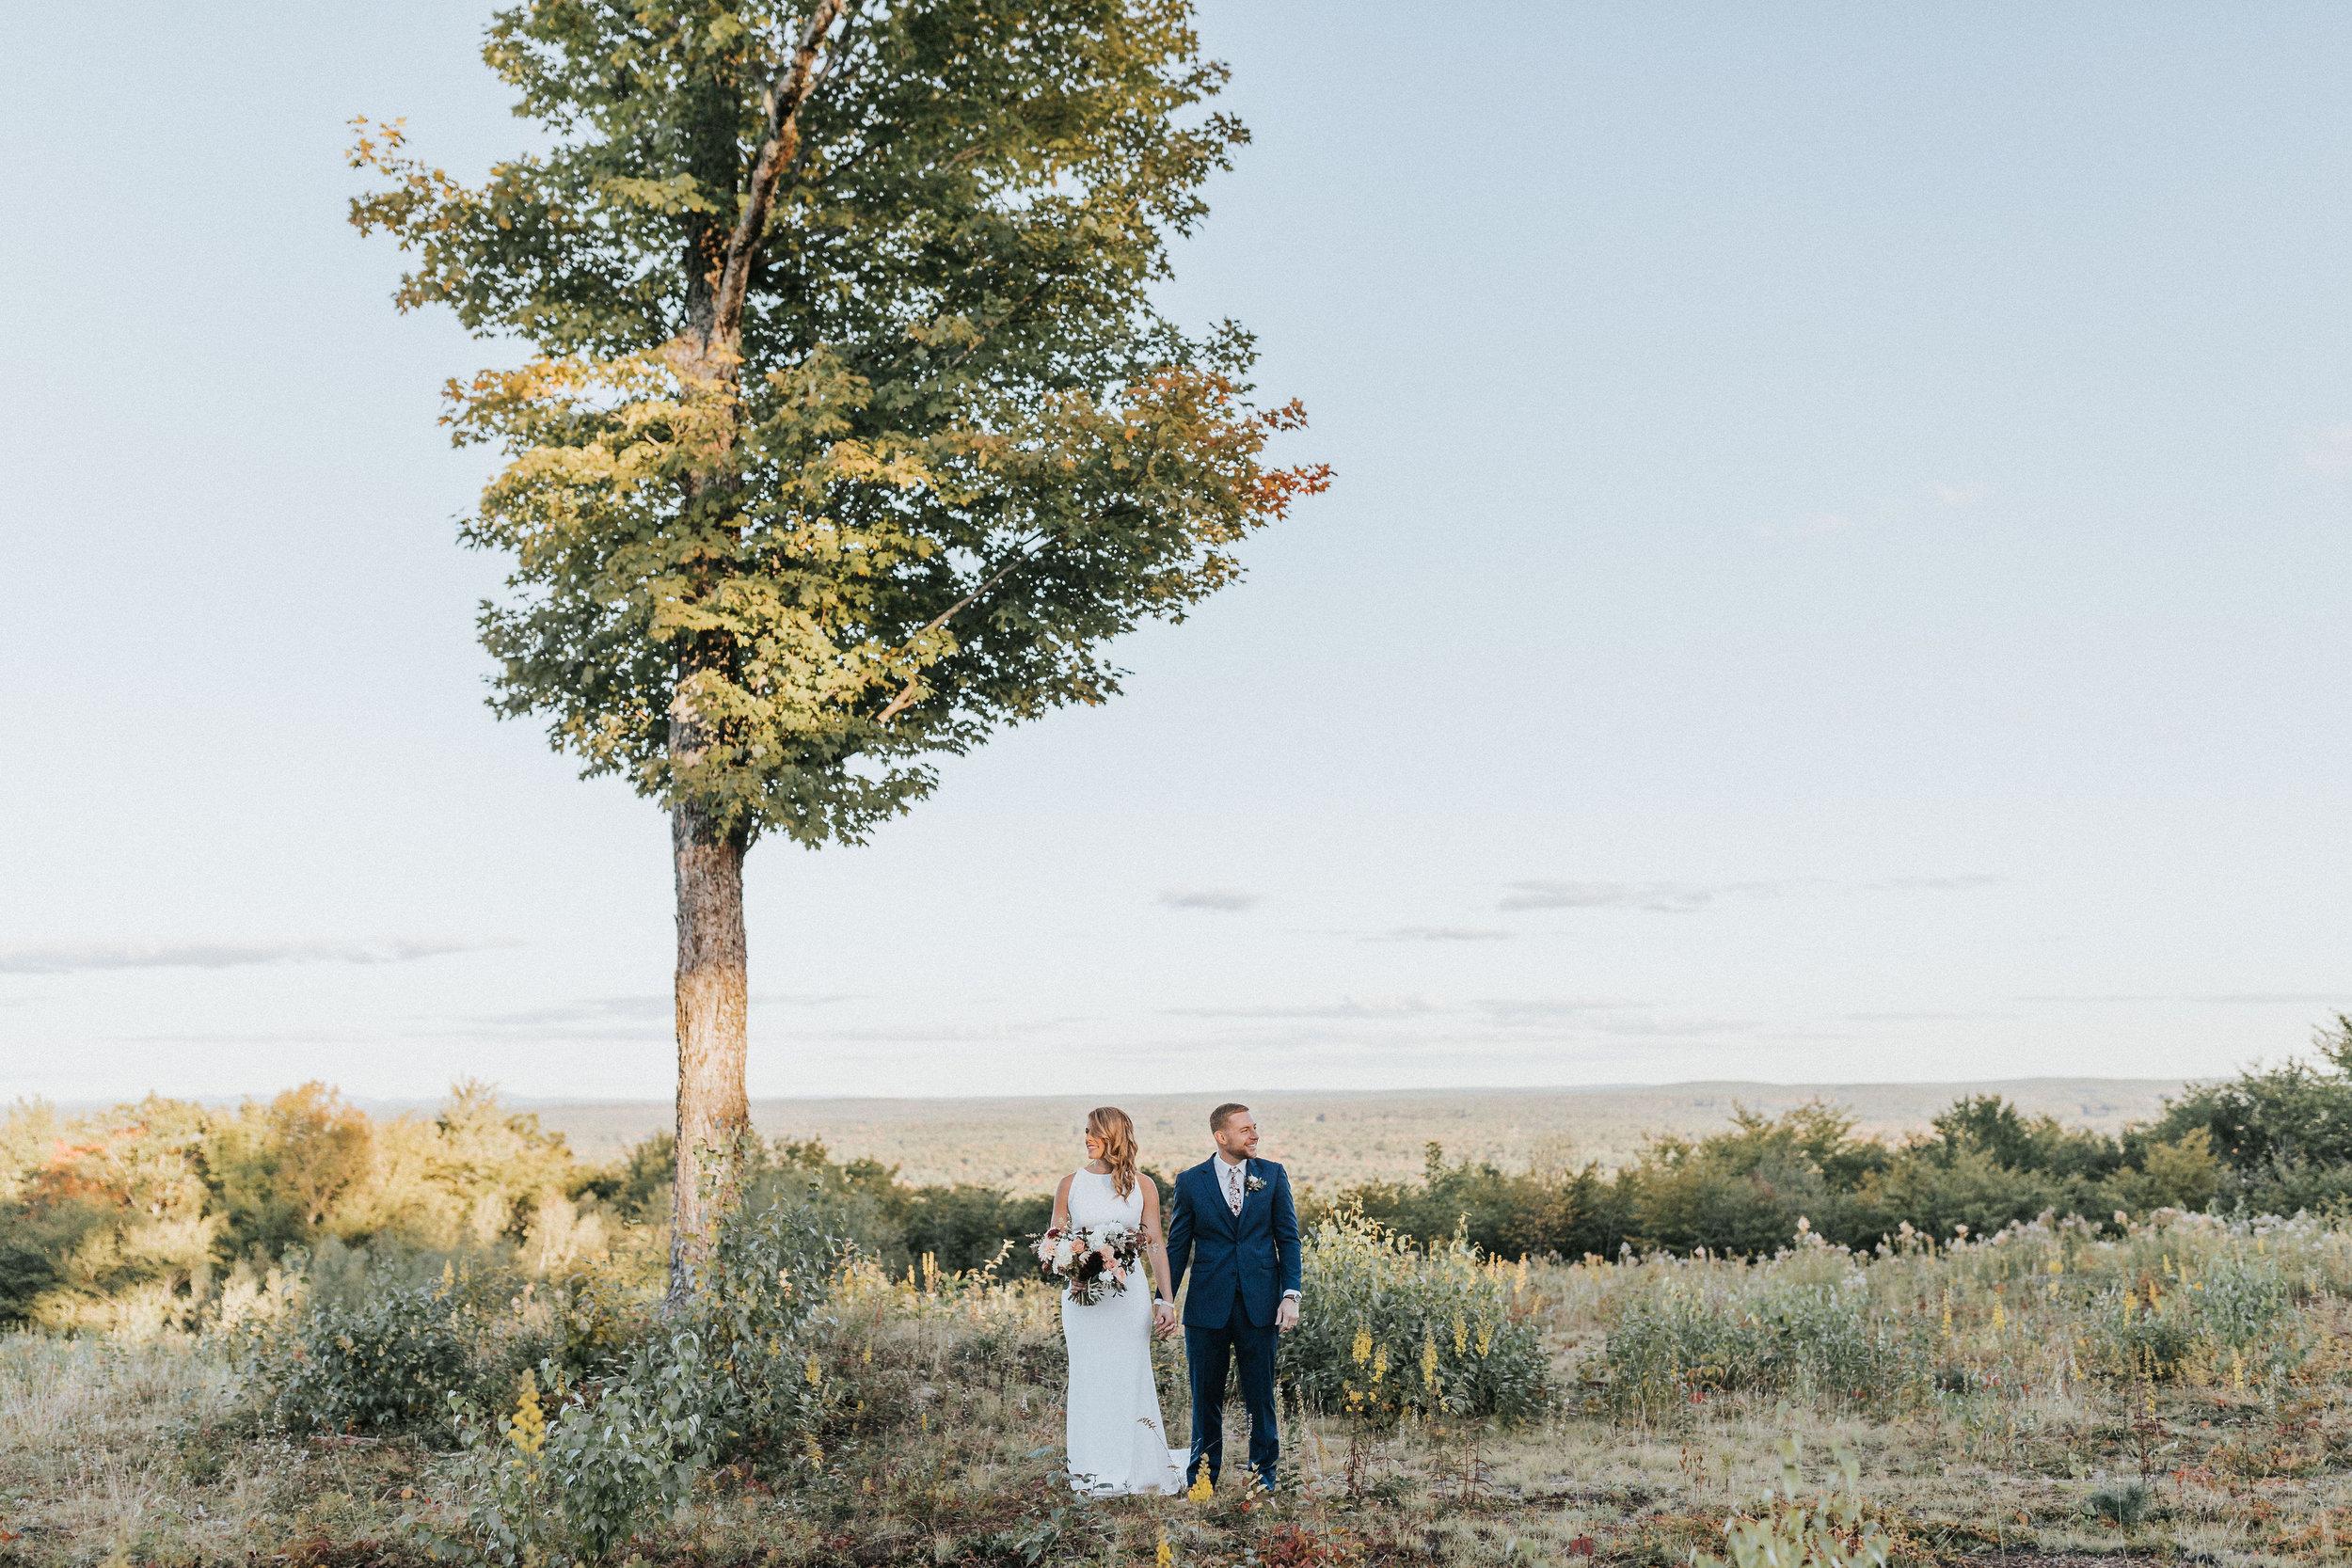 Allie_Greg_Beech_Hill_Barn_Wedding_Portraits-339.jpg